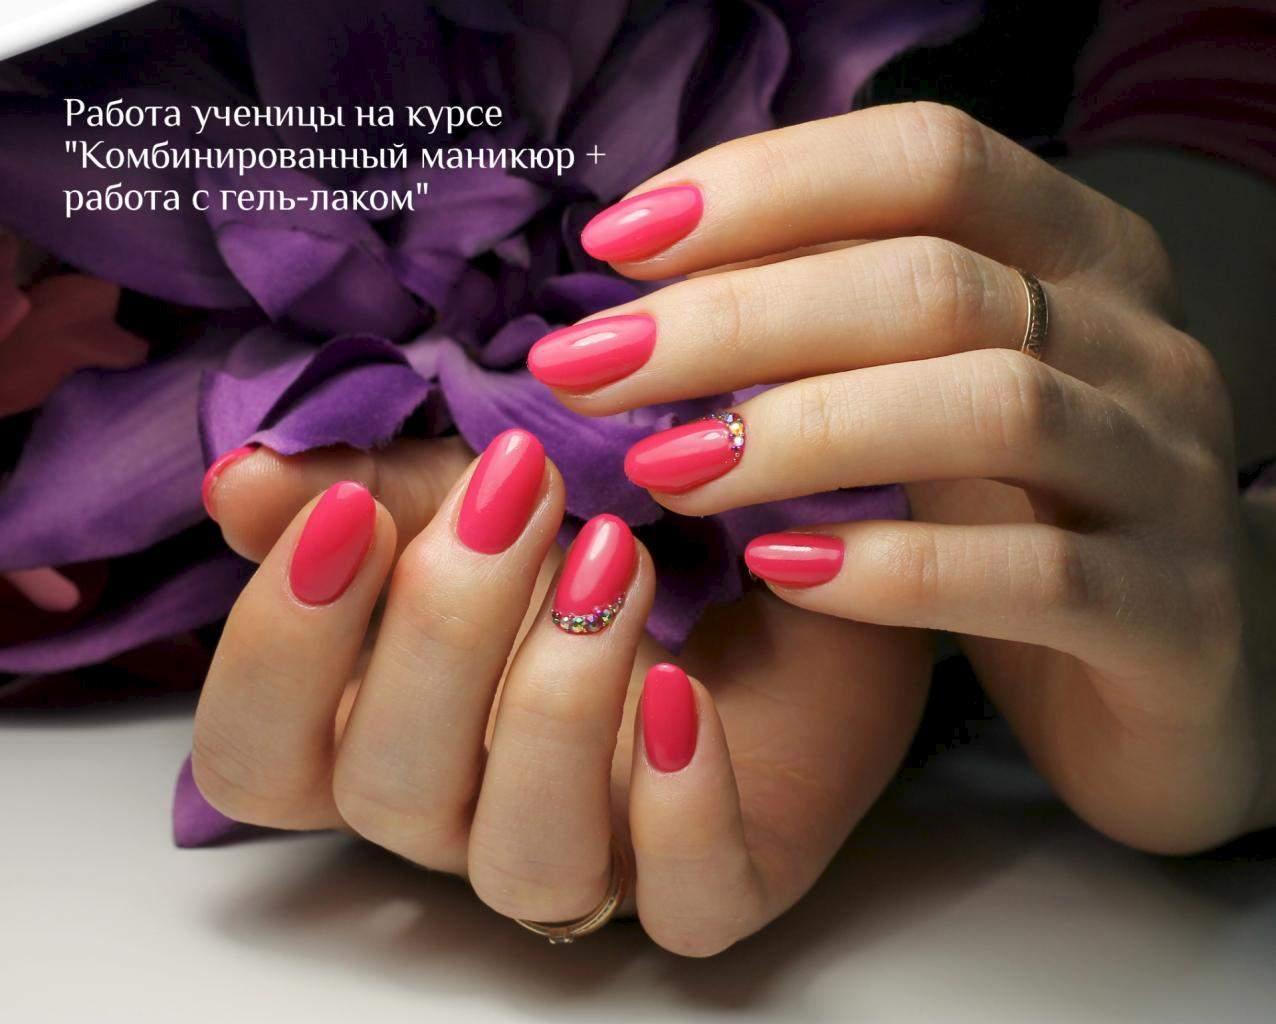 Работа девушка модель ногтей своих работа веб моделью картинки